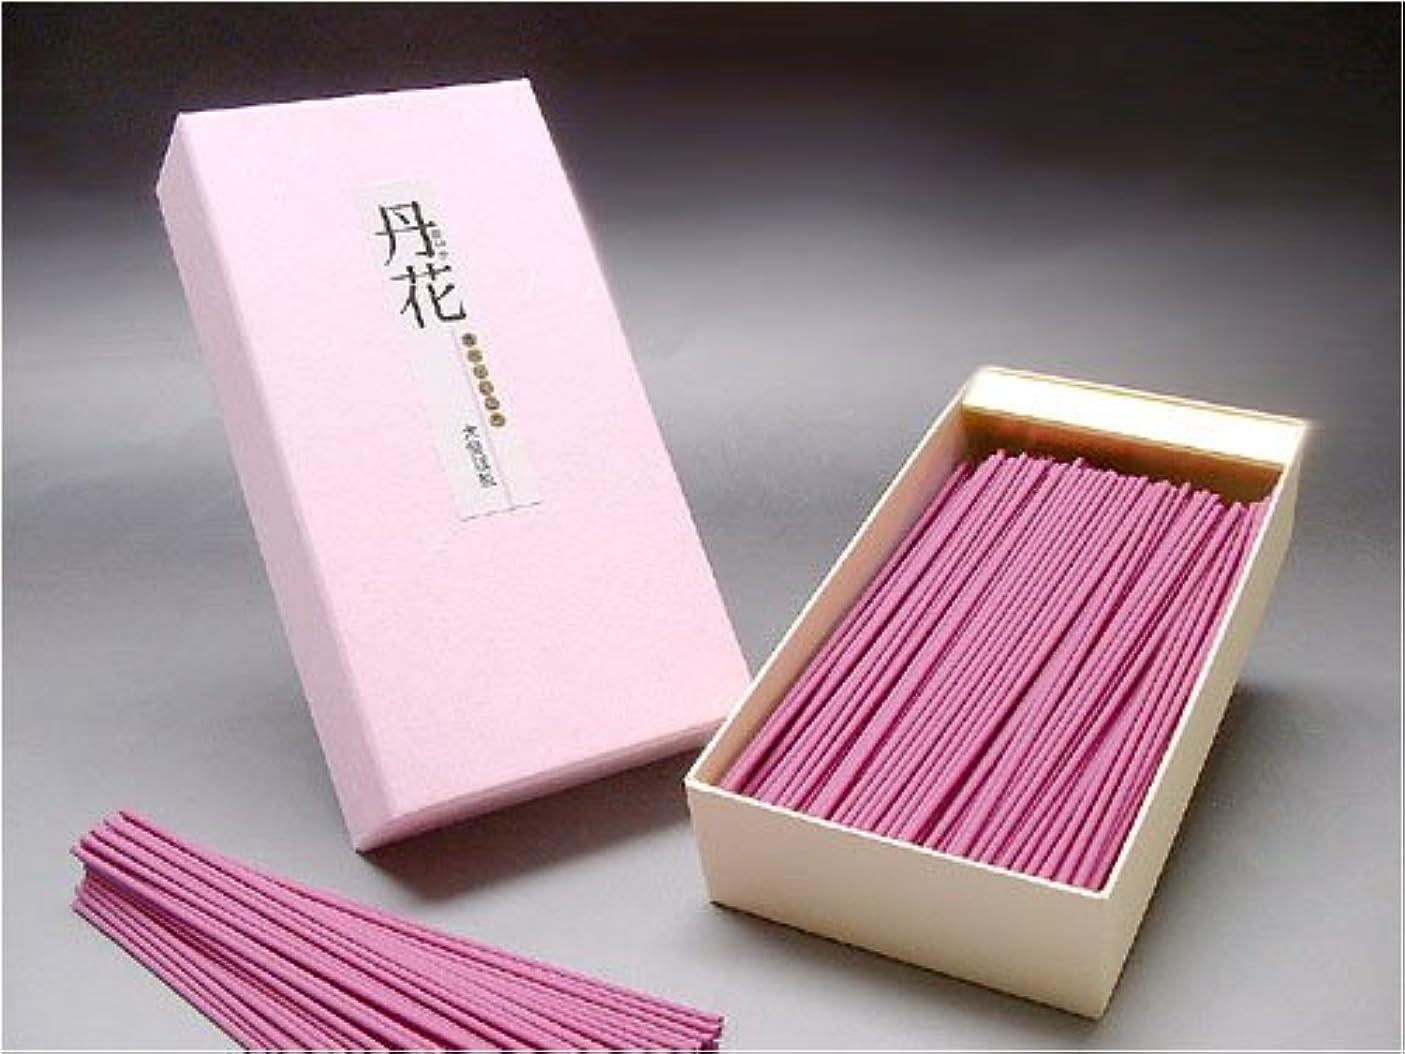 ギャラントリー柔らかさ狂う大発のお香 梅丹花(ピンク箱) TP-3